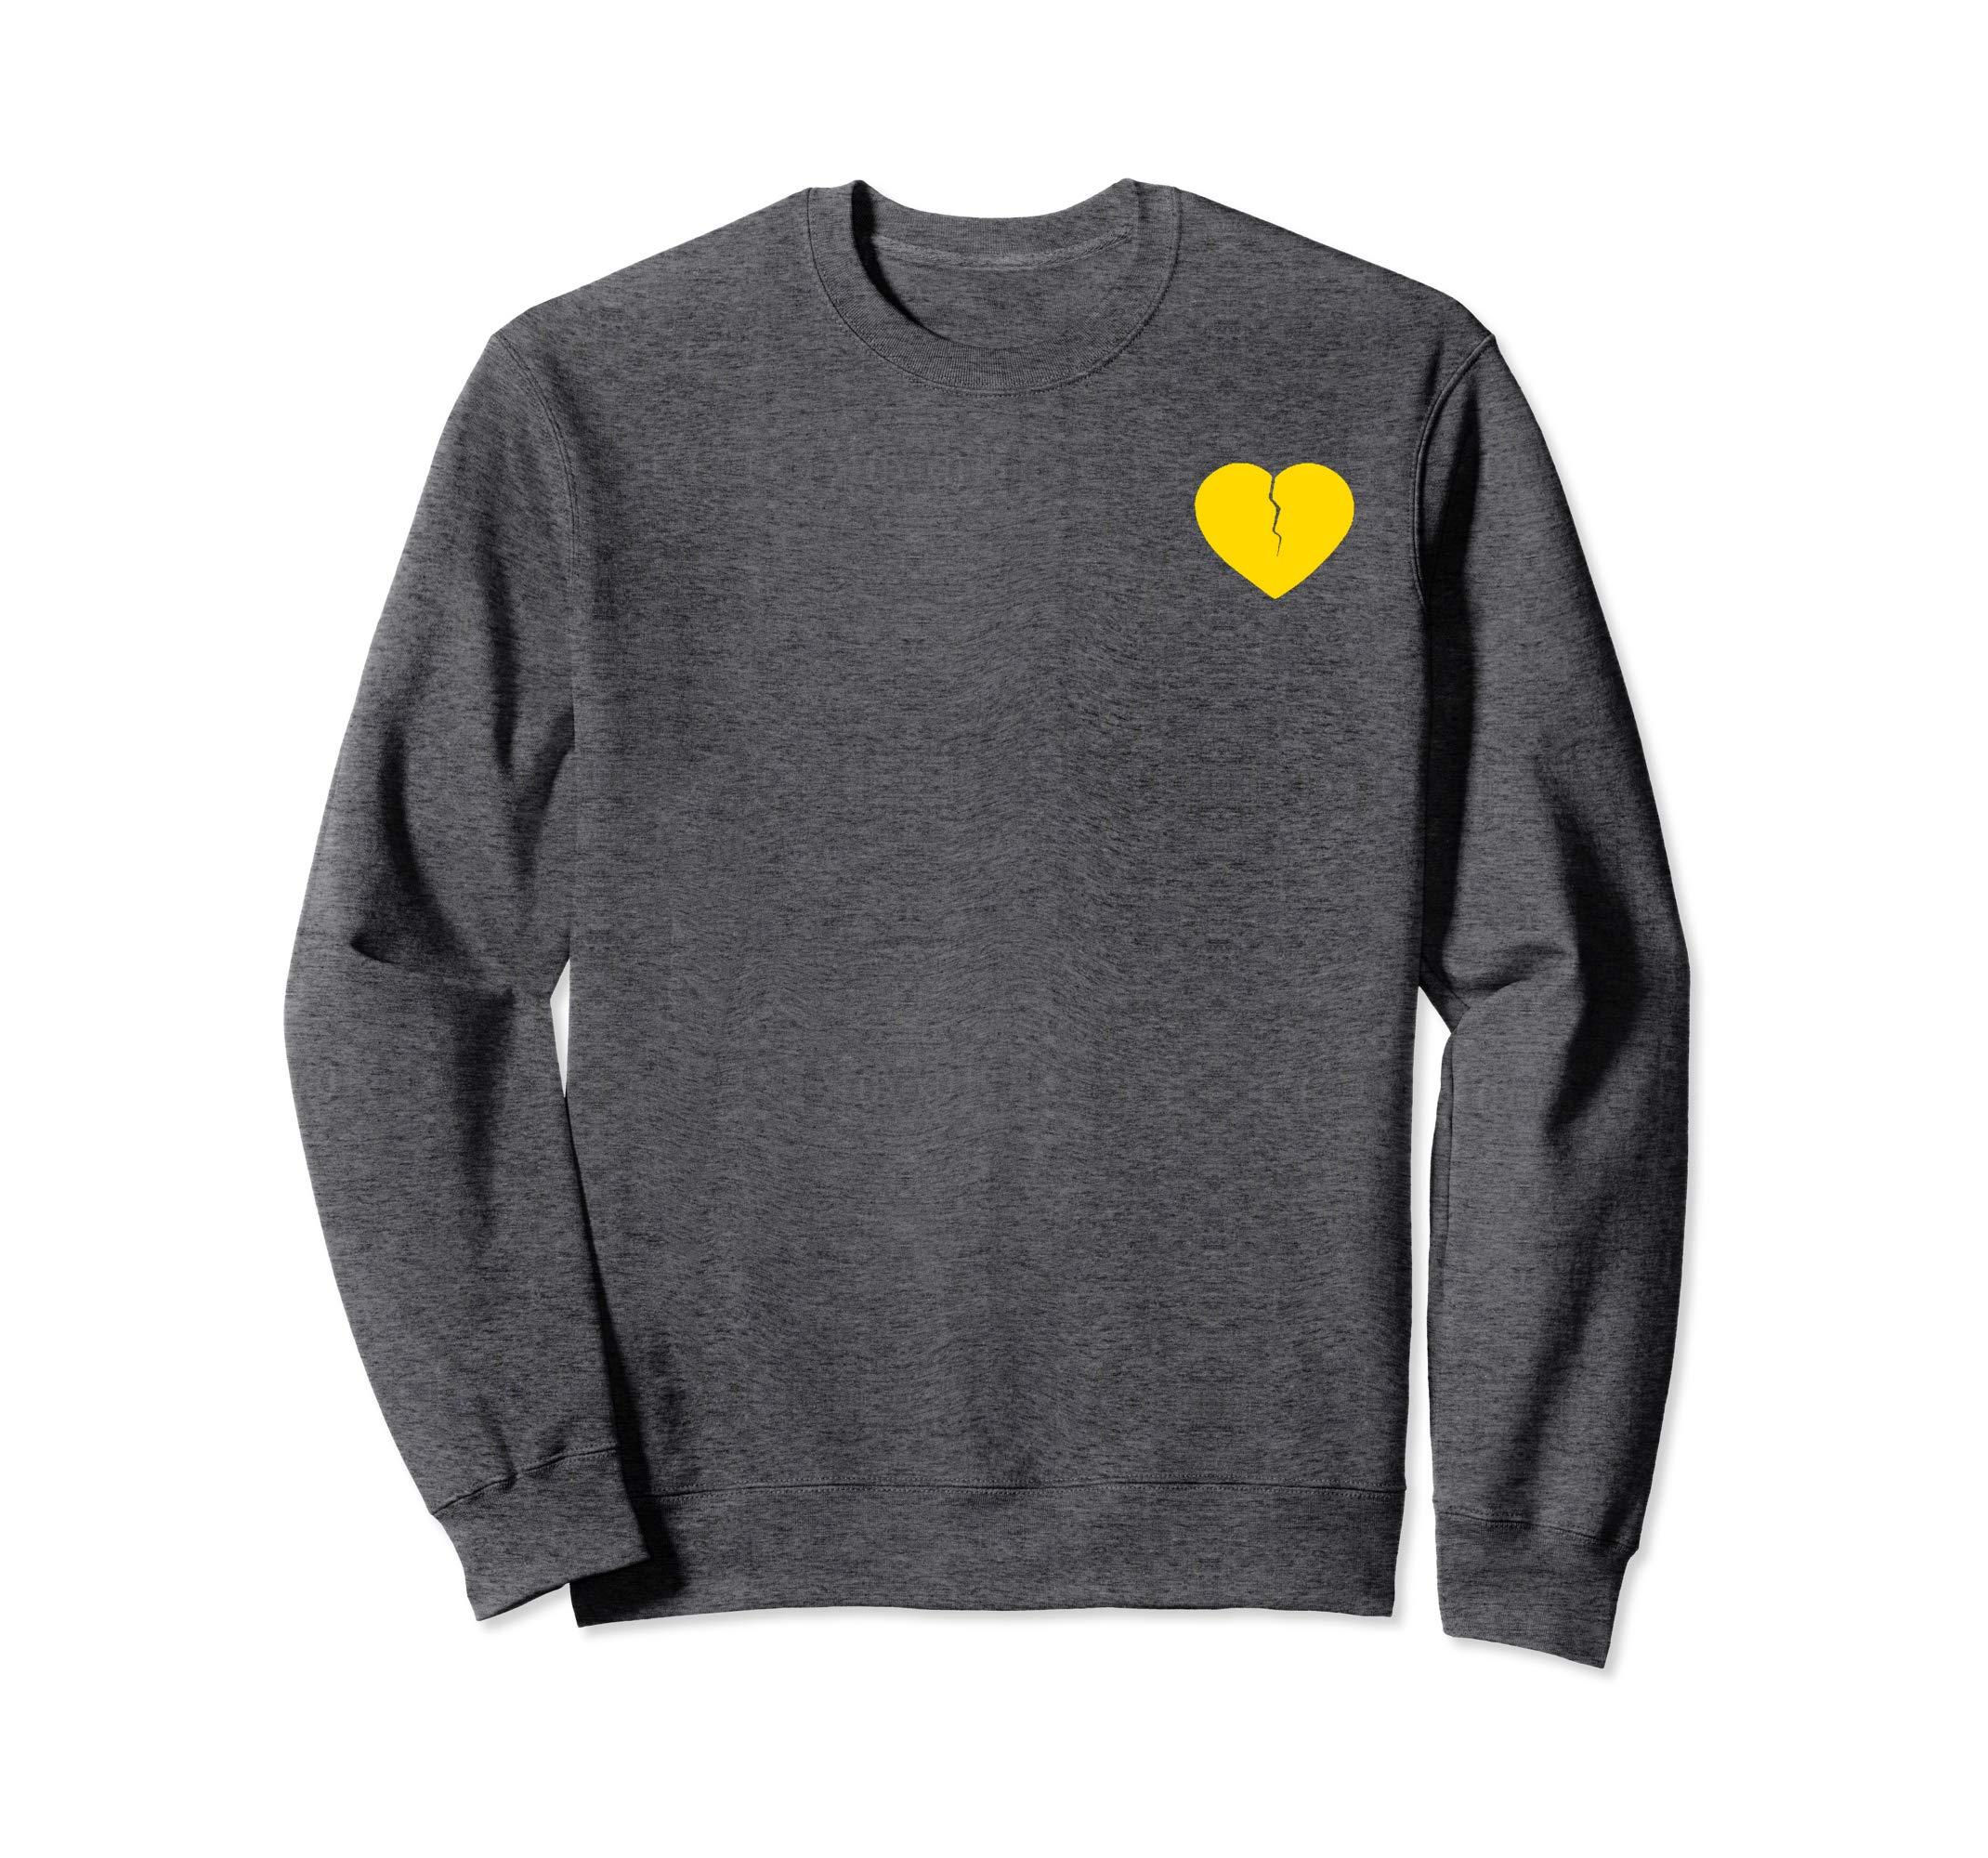 Amazon.com: Marcus Lemonis Heart Logo Sweatshirts: Clothing.